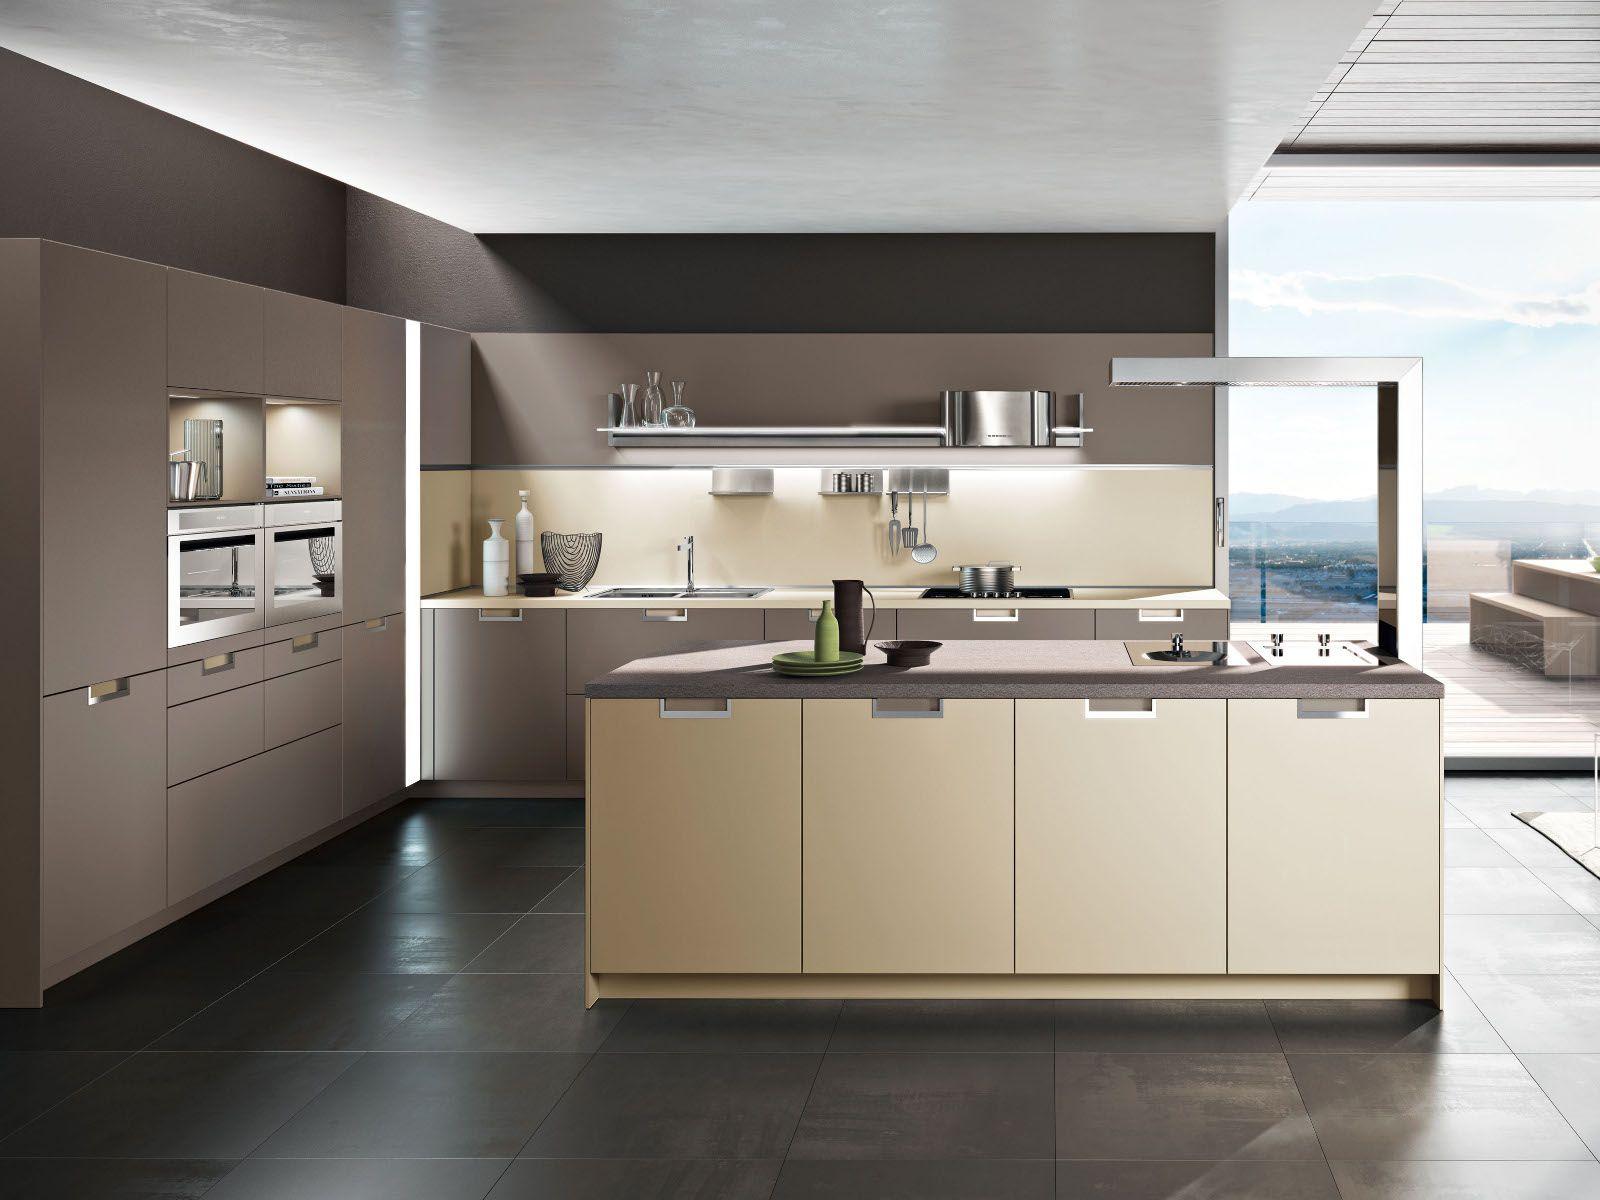 Cozinha integral com ilha LUX Cozinha com ilha Snaidero #7C6B4F 1600 1200